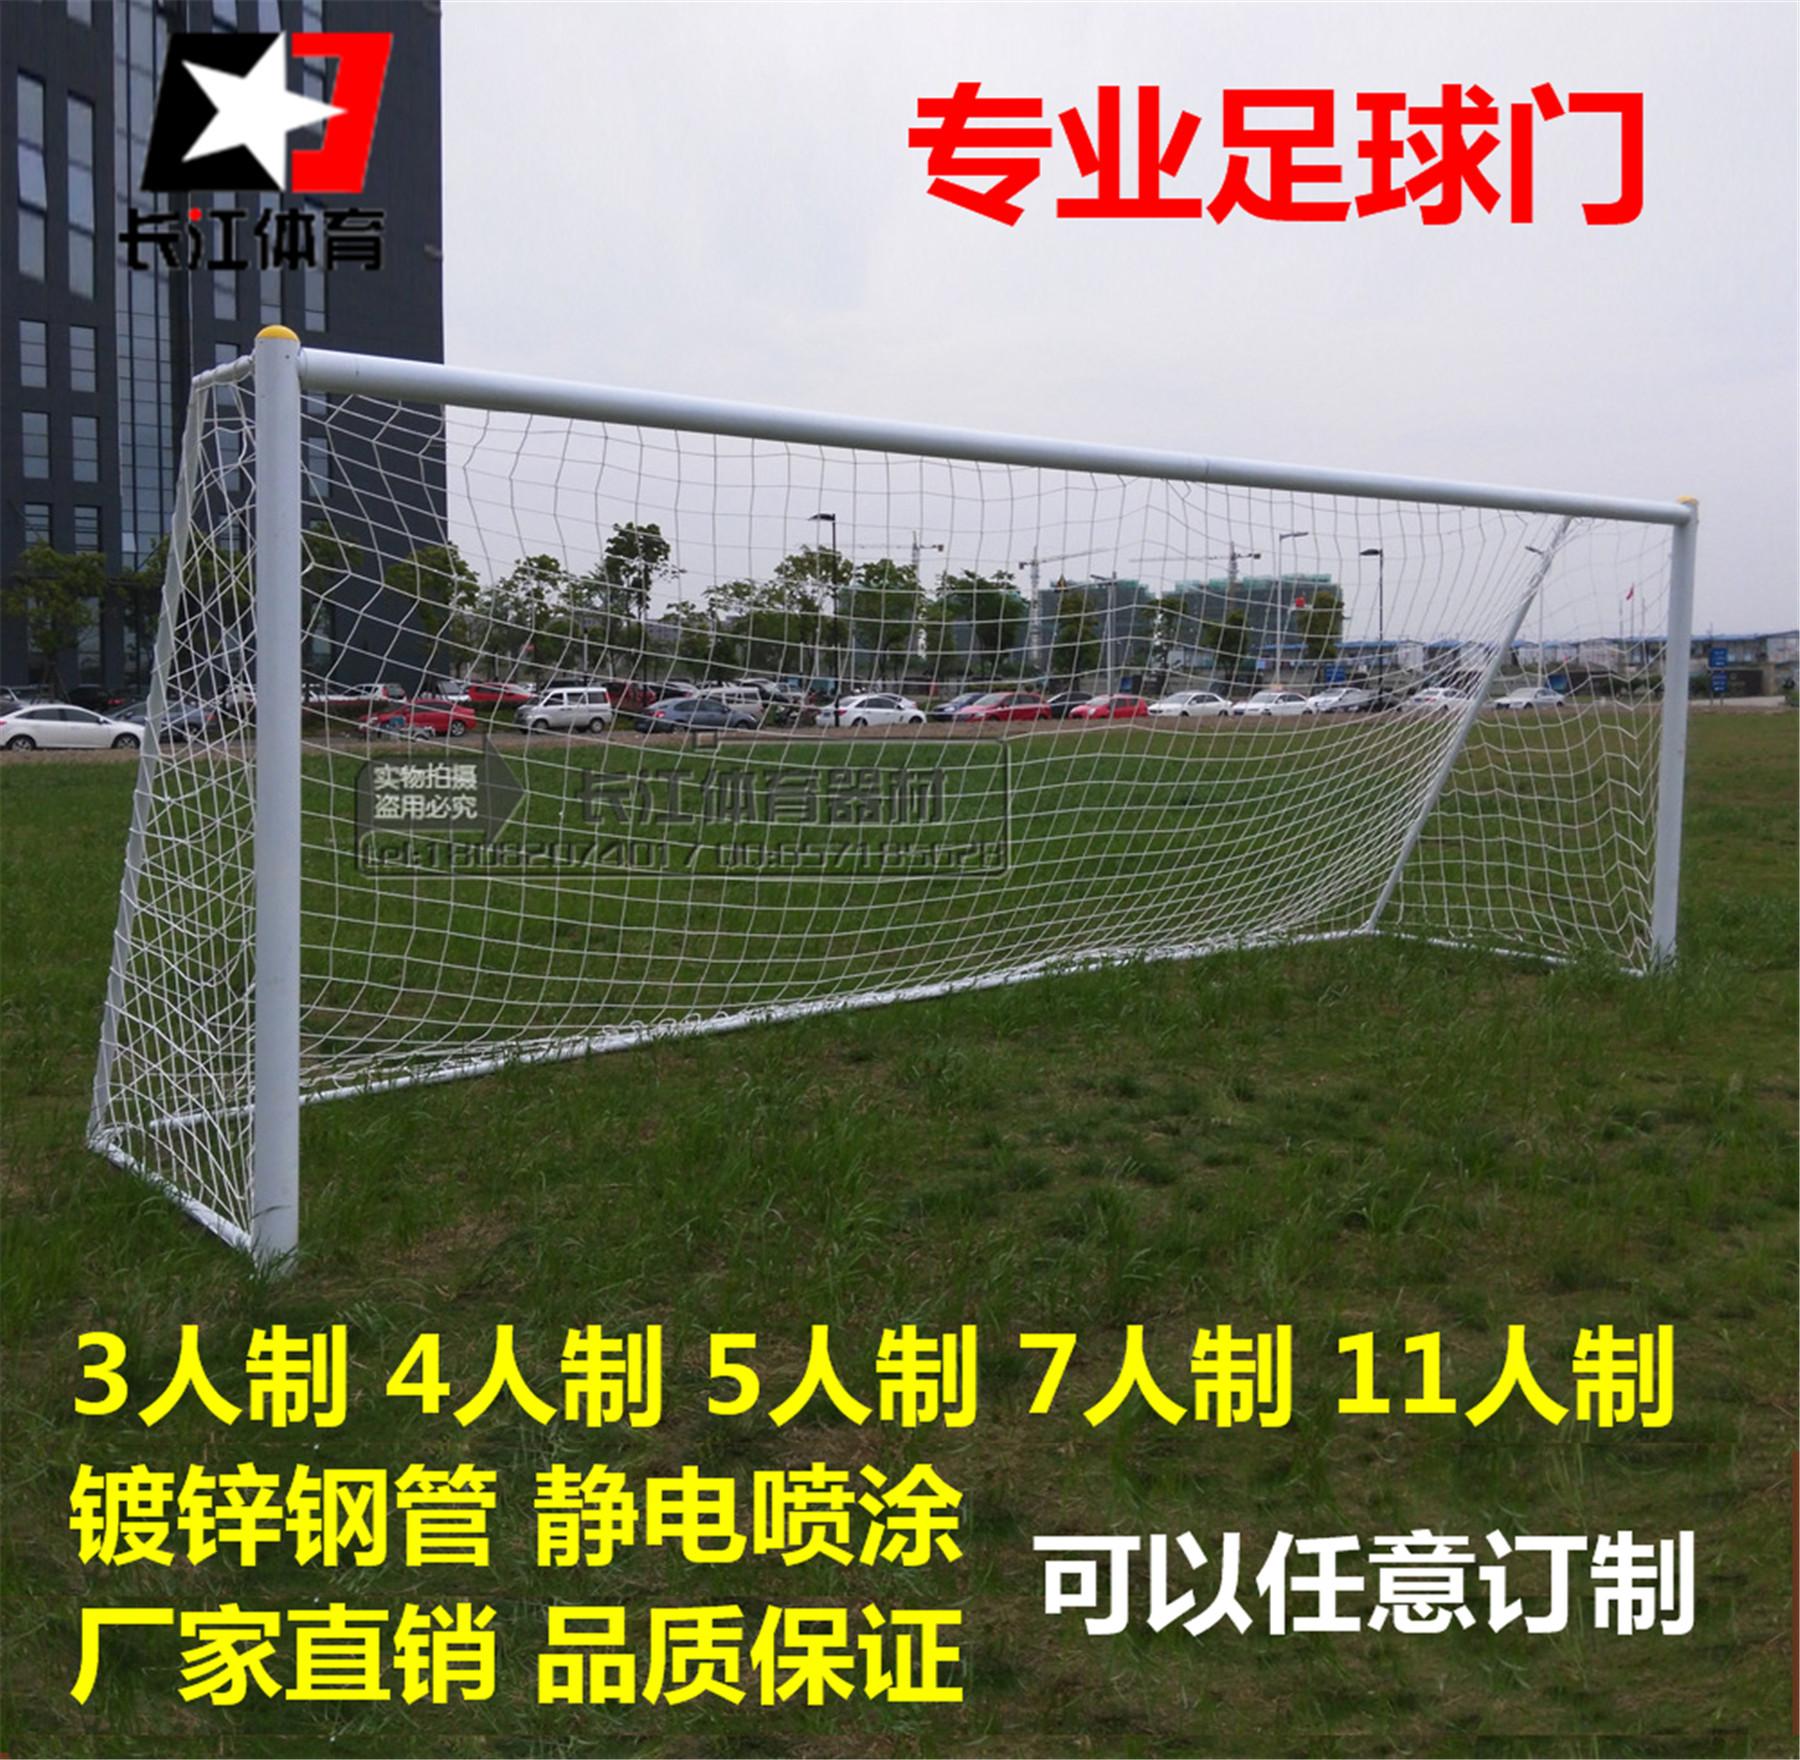 Стандарт конкуренция футбол цели 3 человек 4 человек 5 человек 7 человек 11 люди сделали портал полка разборка мобильный футбол цели коробка футбол полка